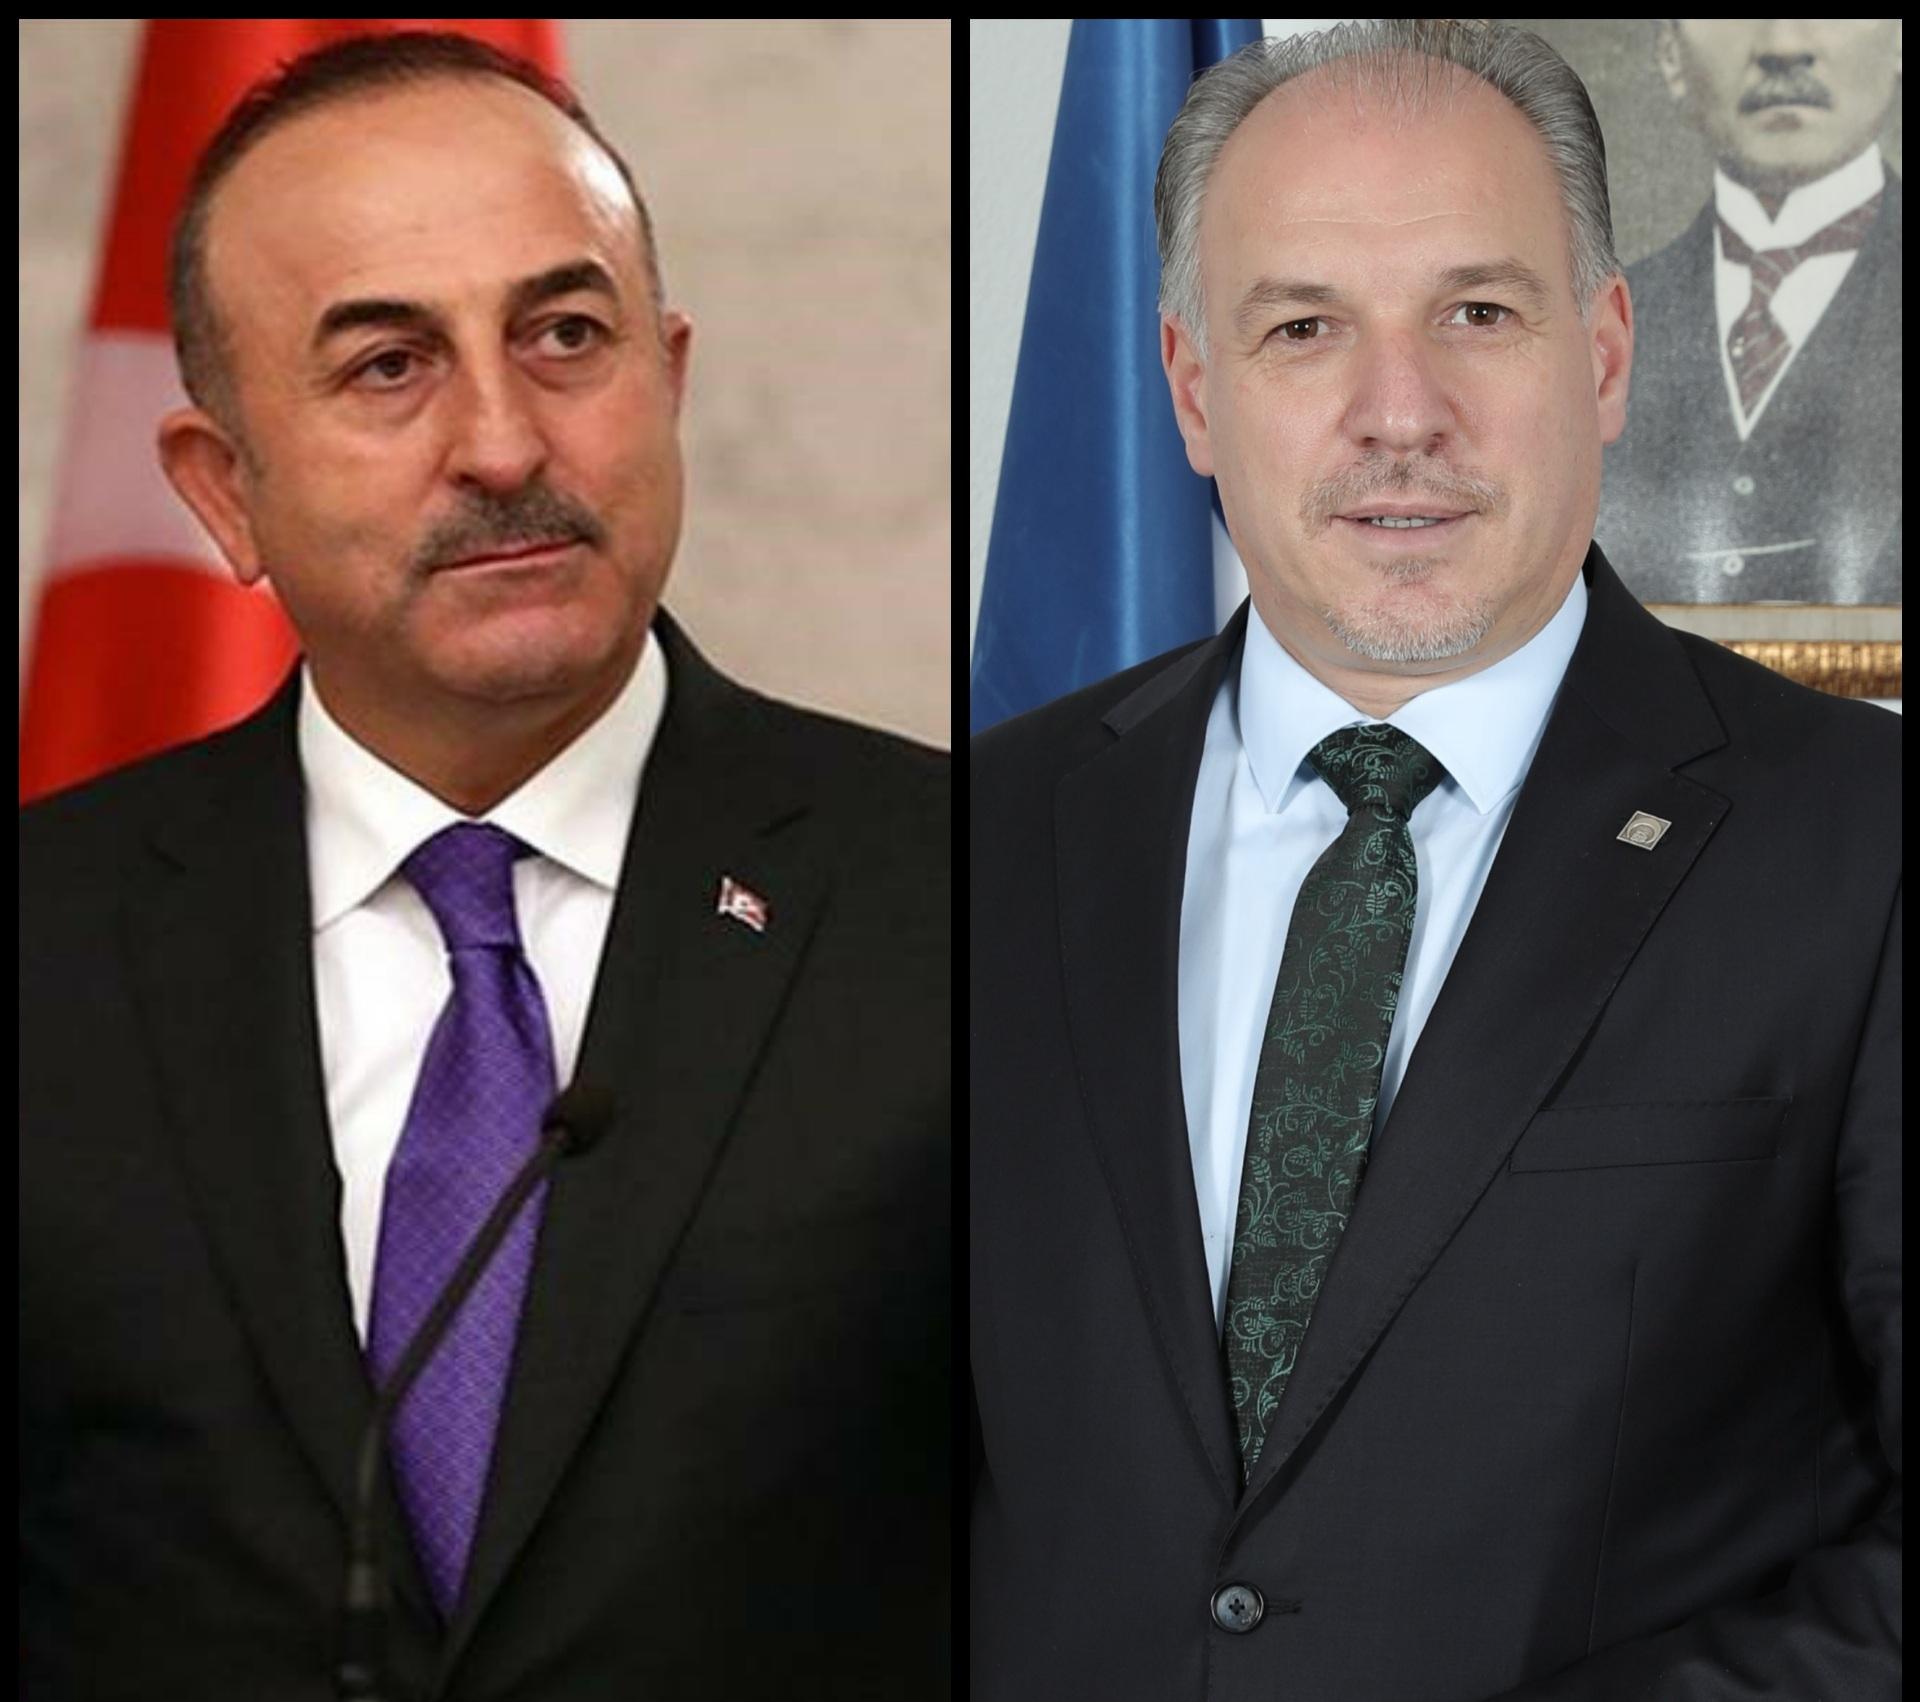 T.C. Dışişleri Bakanı Mevlüt Çavuşoğlu, Genel Başkanımız ve Bölgesel Kalkınma Bakanımız Fikrim Damka'yı Kutlayarak Başarılar Diledi